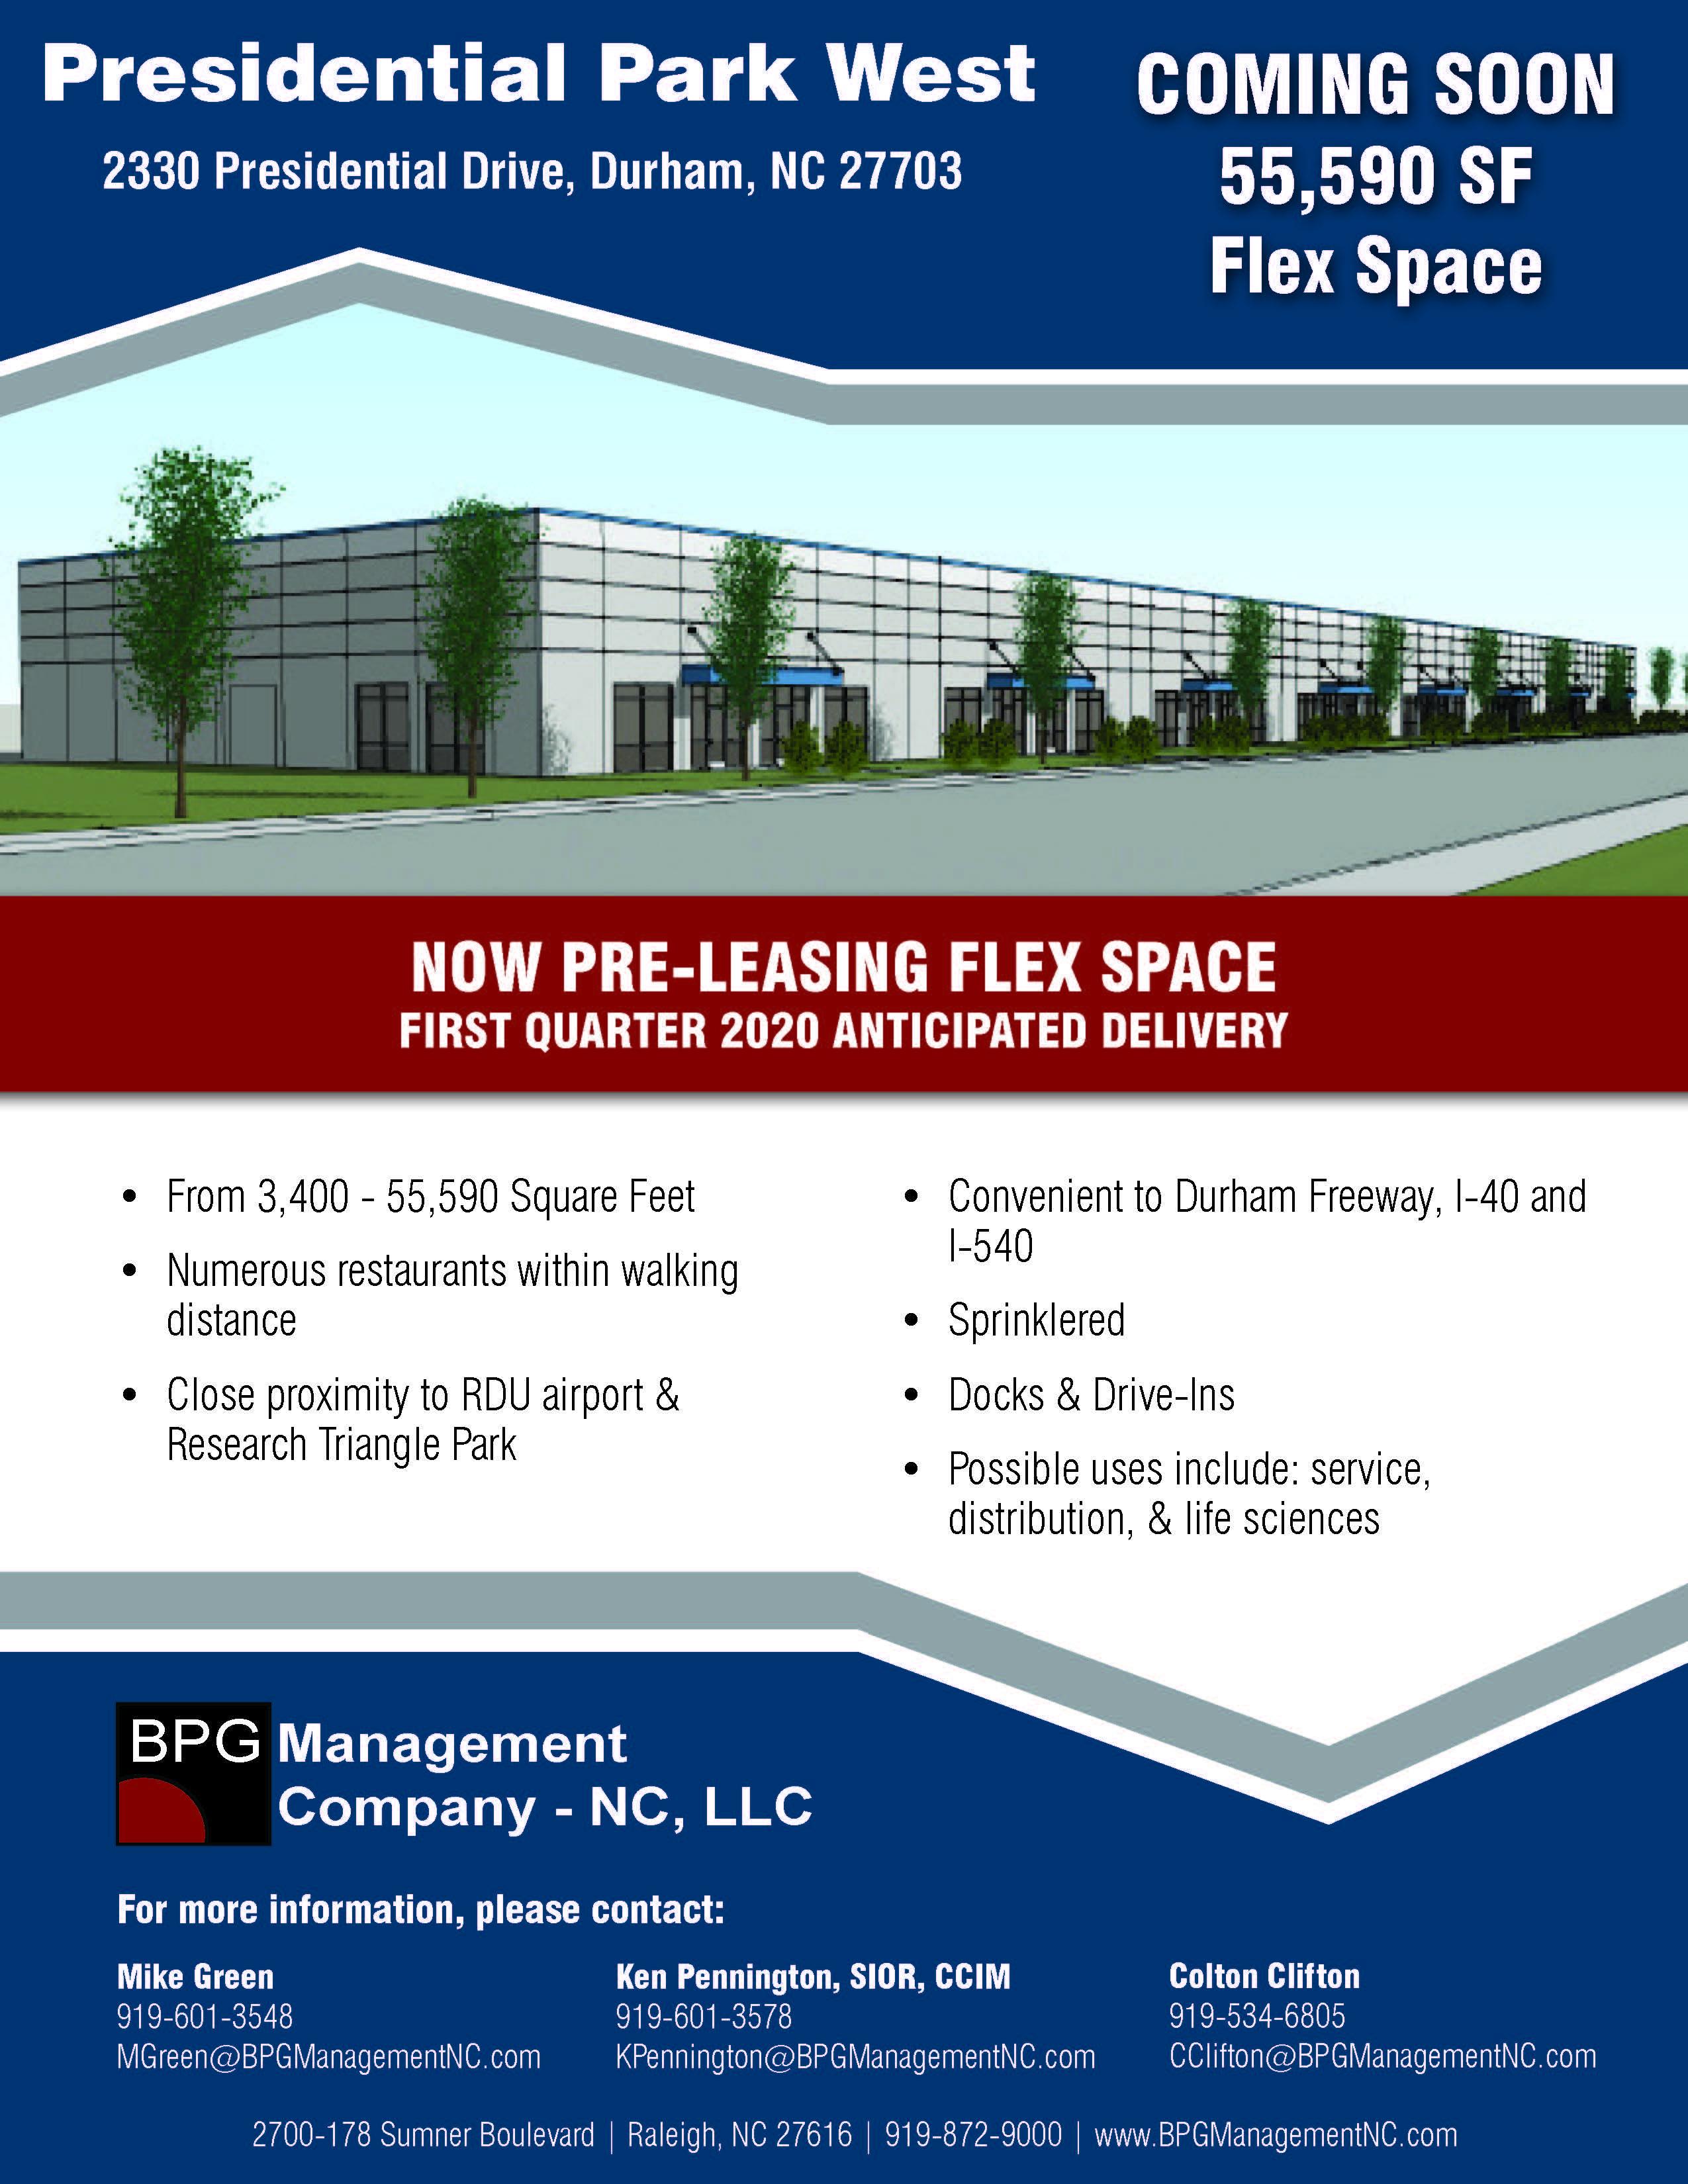 Commercial Real Estate Management | BPG Management NC LLC